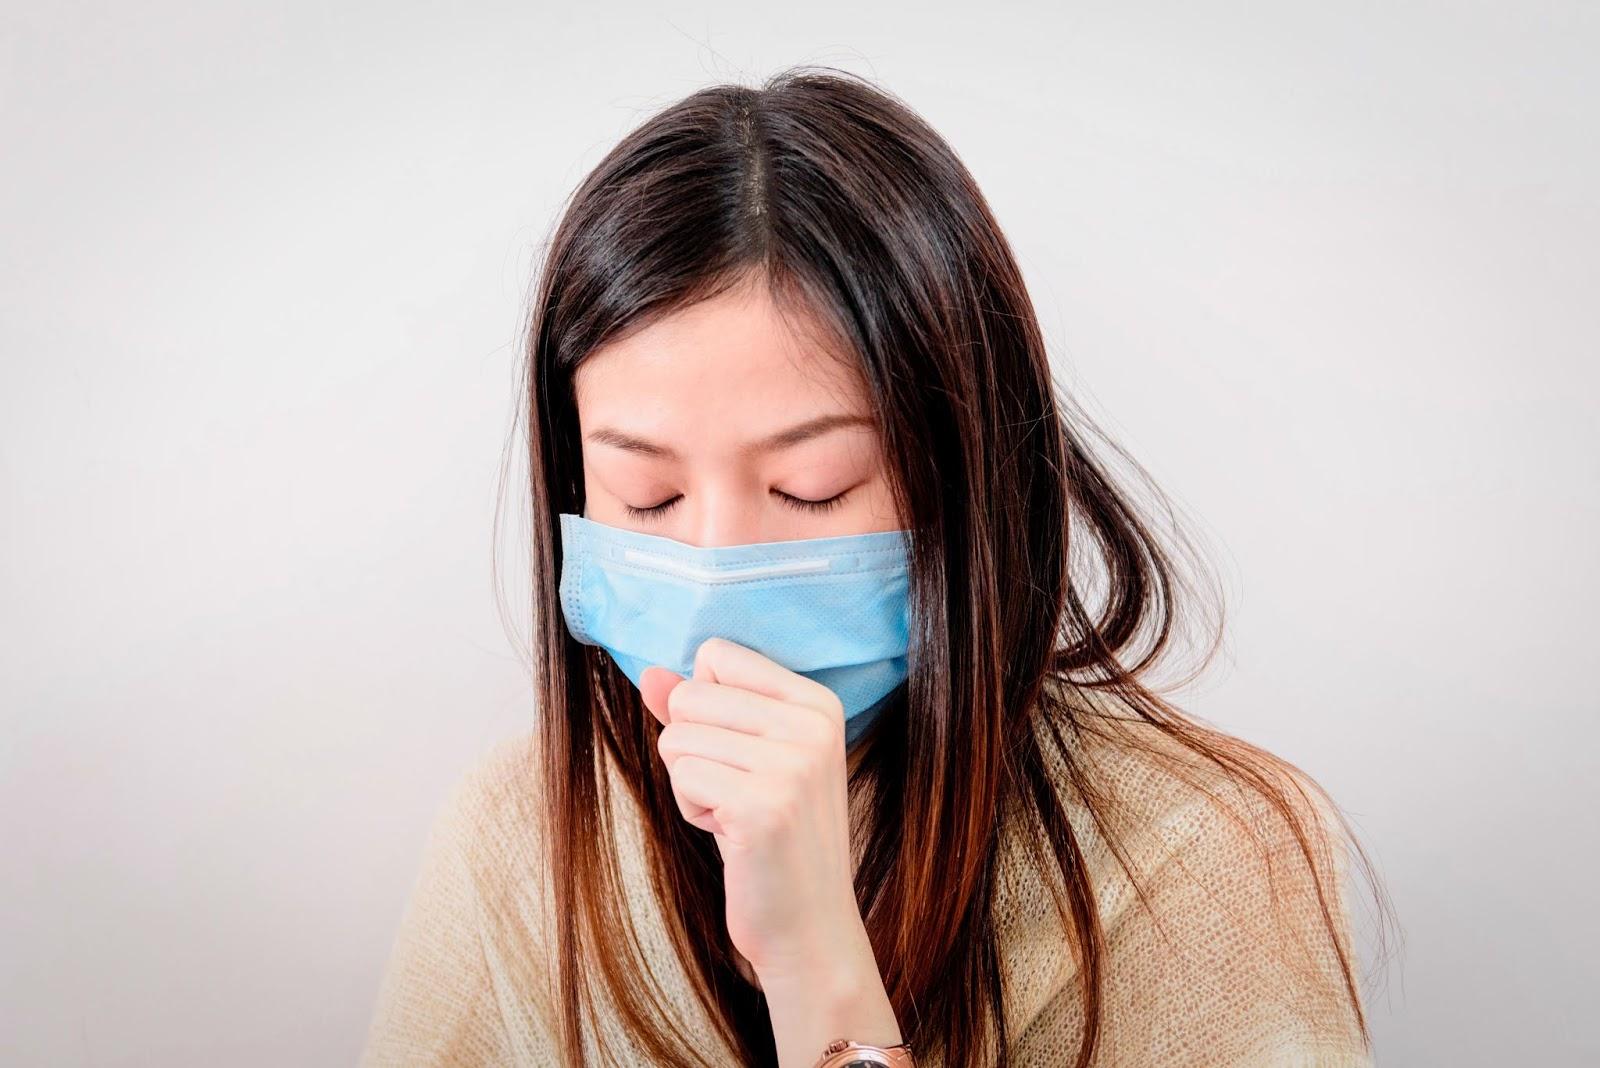 劉得懿: 預防感冒